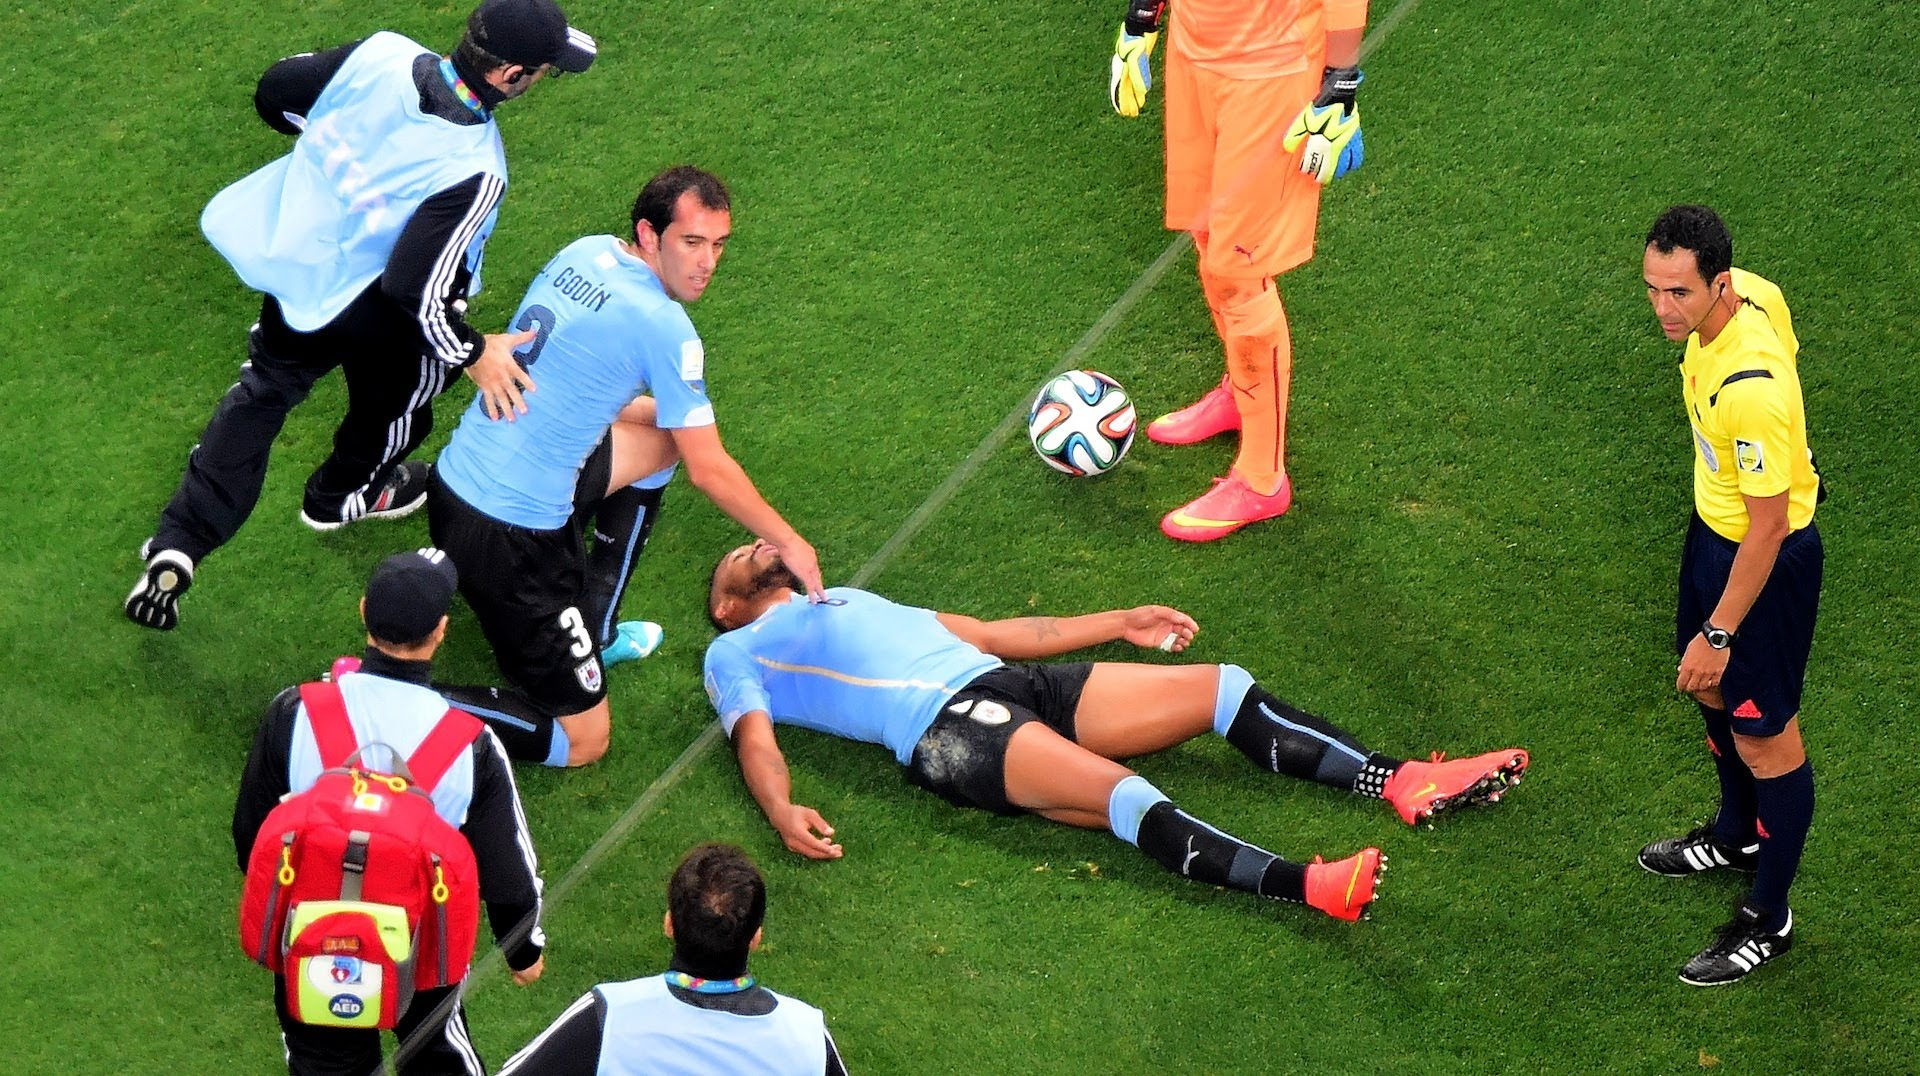 चोटिल पेरेरा फुटबाल विश्वकप में नहीं खेलेंगे 1